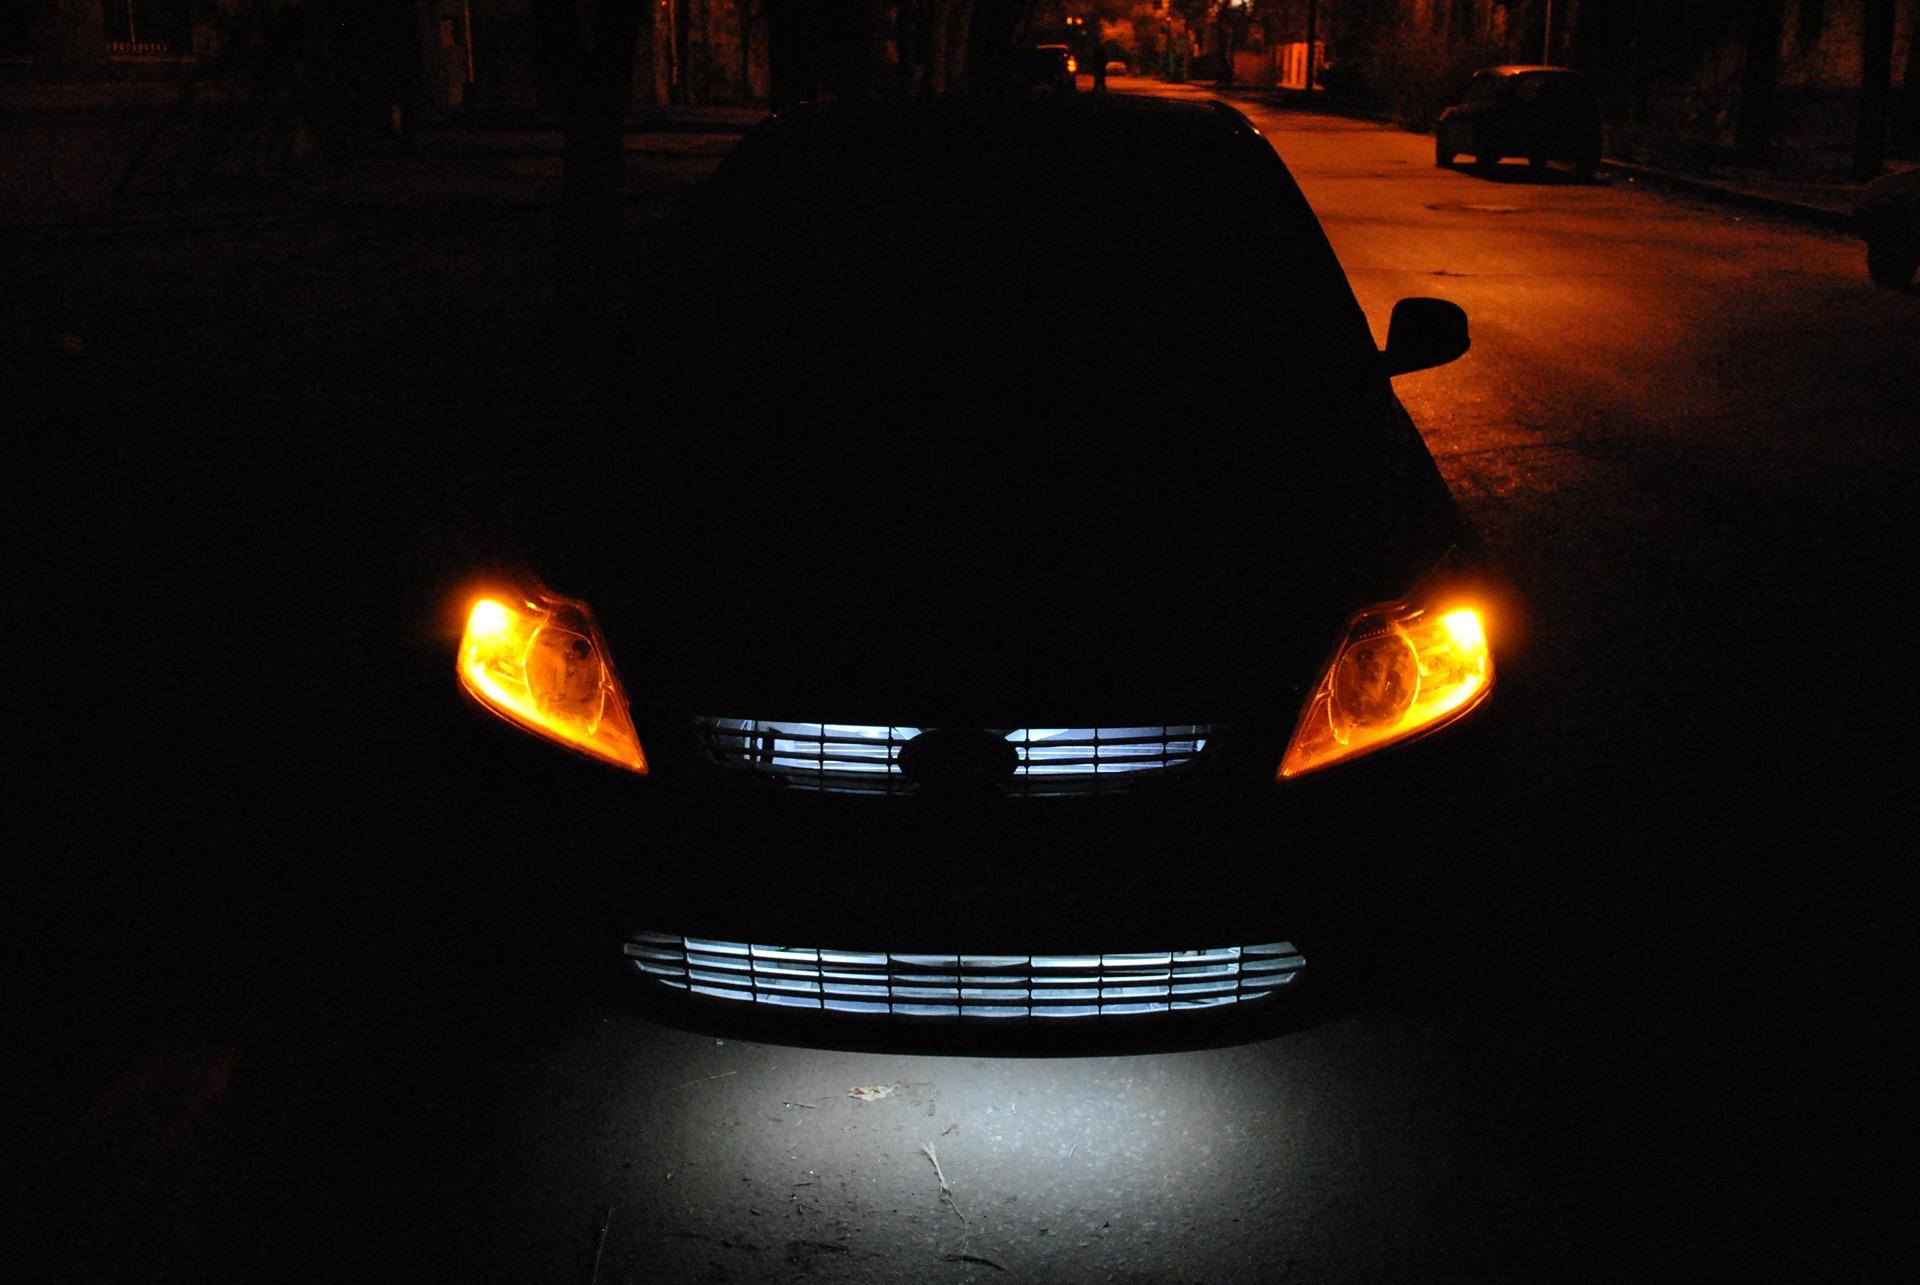 лампочки на форд мондео #11